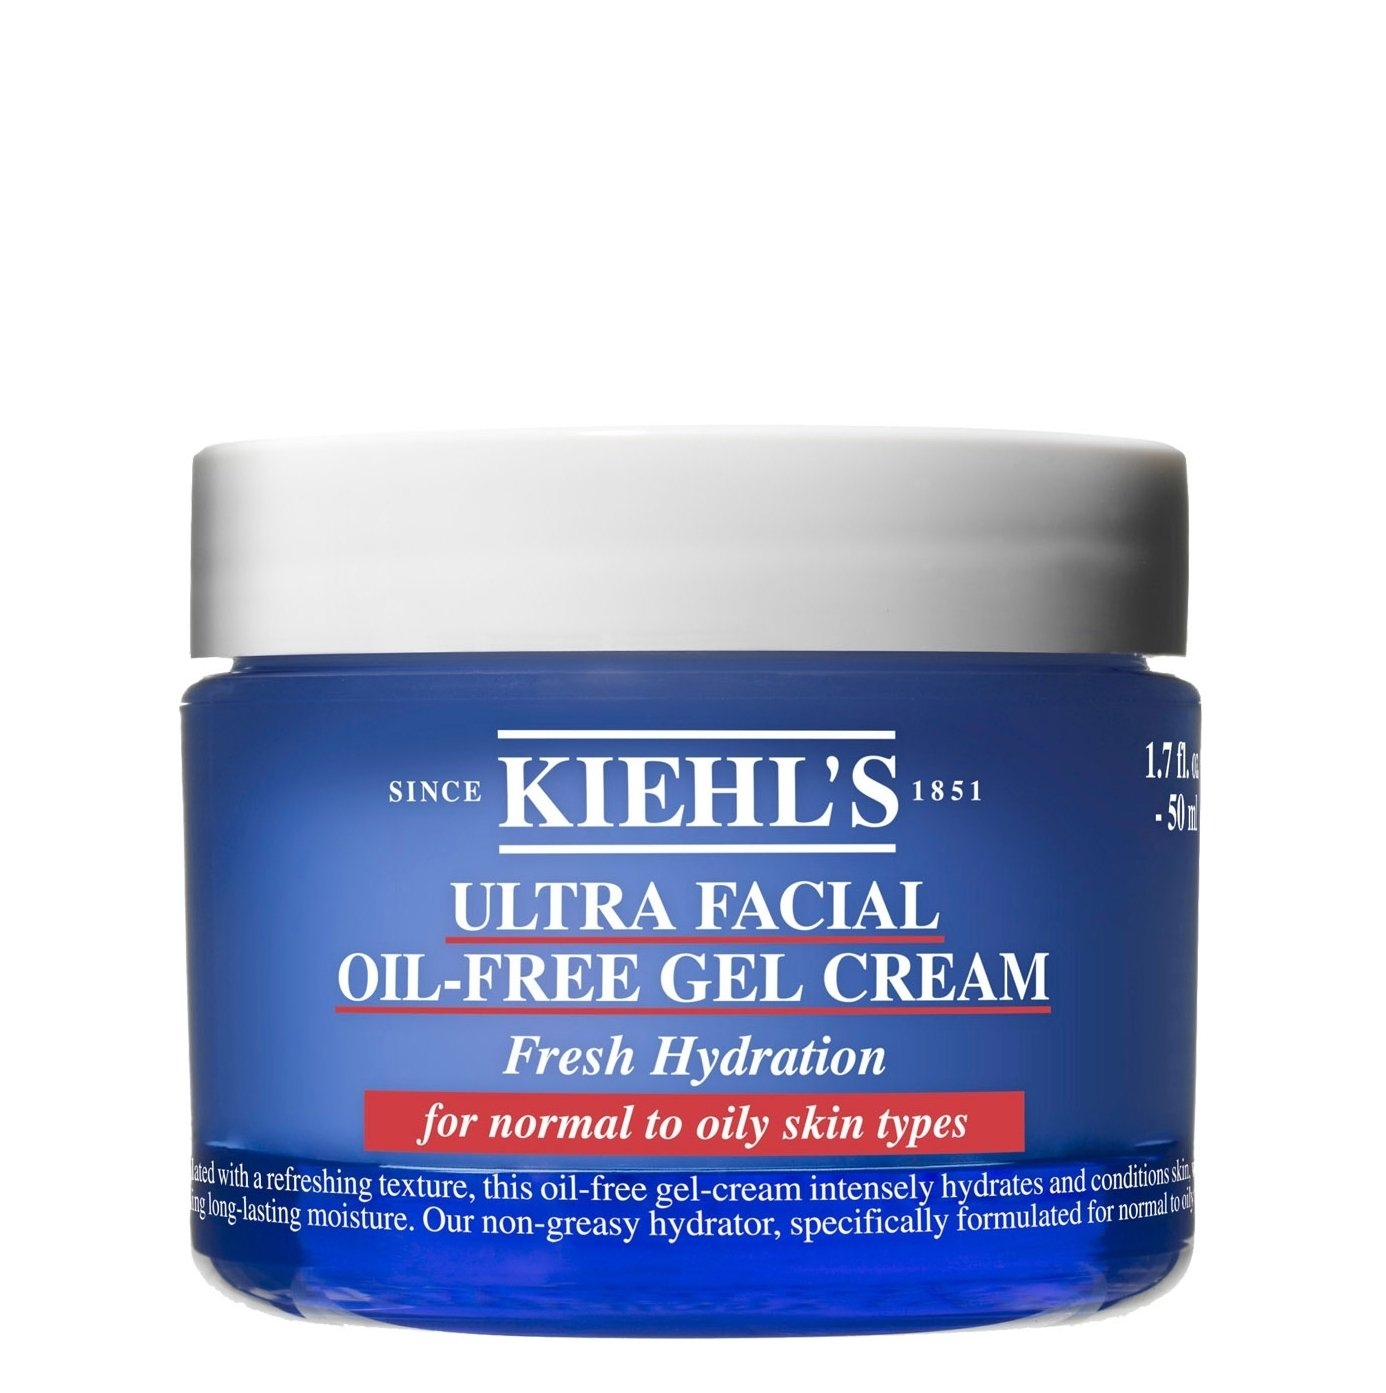 Косметика Kiehl's Ultra Facial для жирной кожи, увлажняющий крем для жирной кожи, уход за жирной кожей лица, for oily skin, как избавиться от черных точек